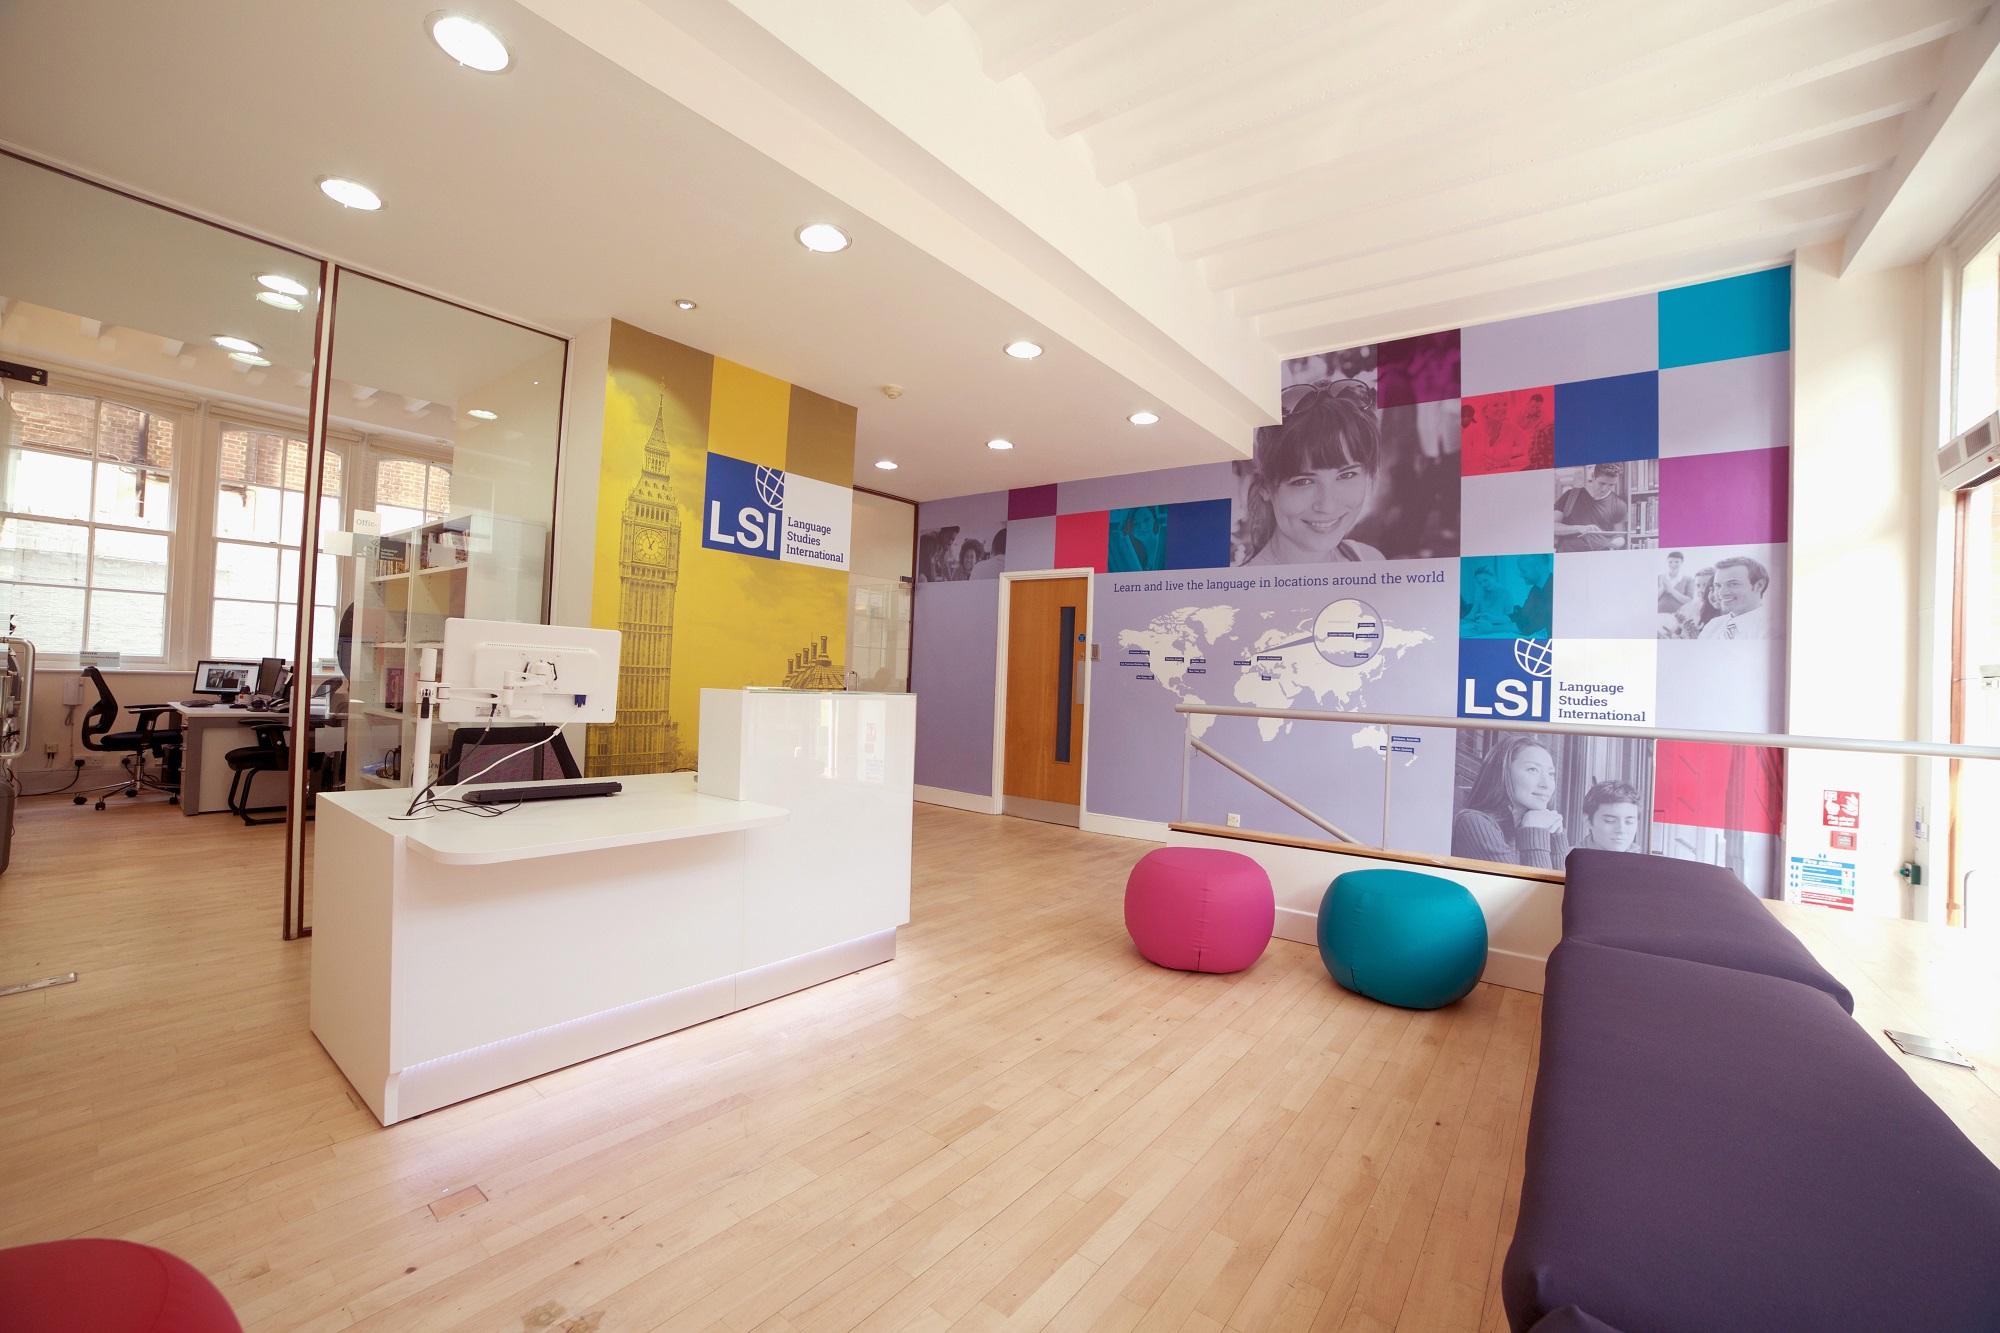 LSI ロンドンセントラル校:イメージ